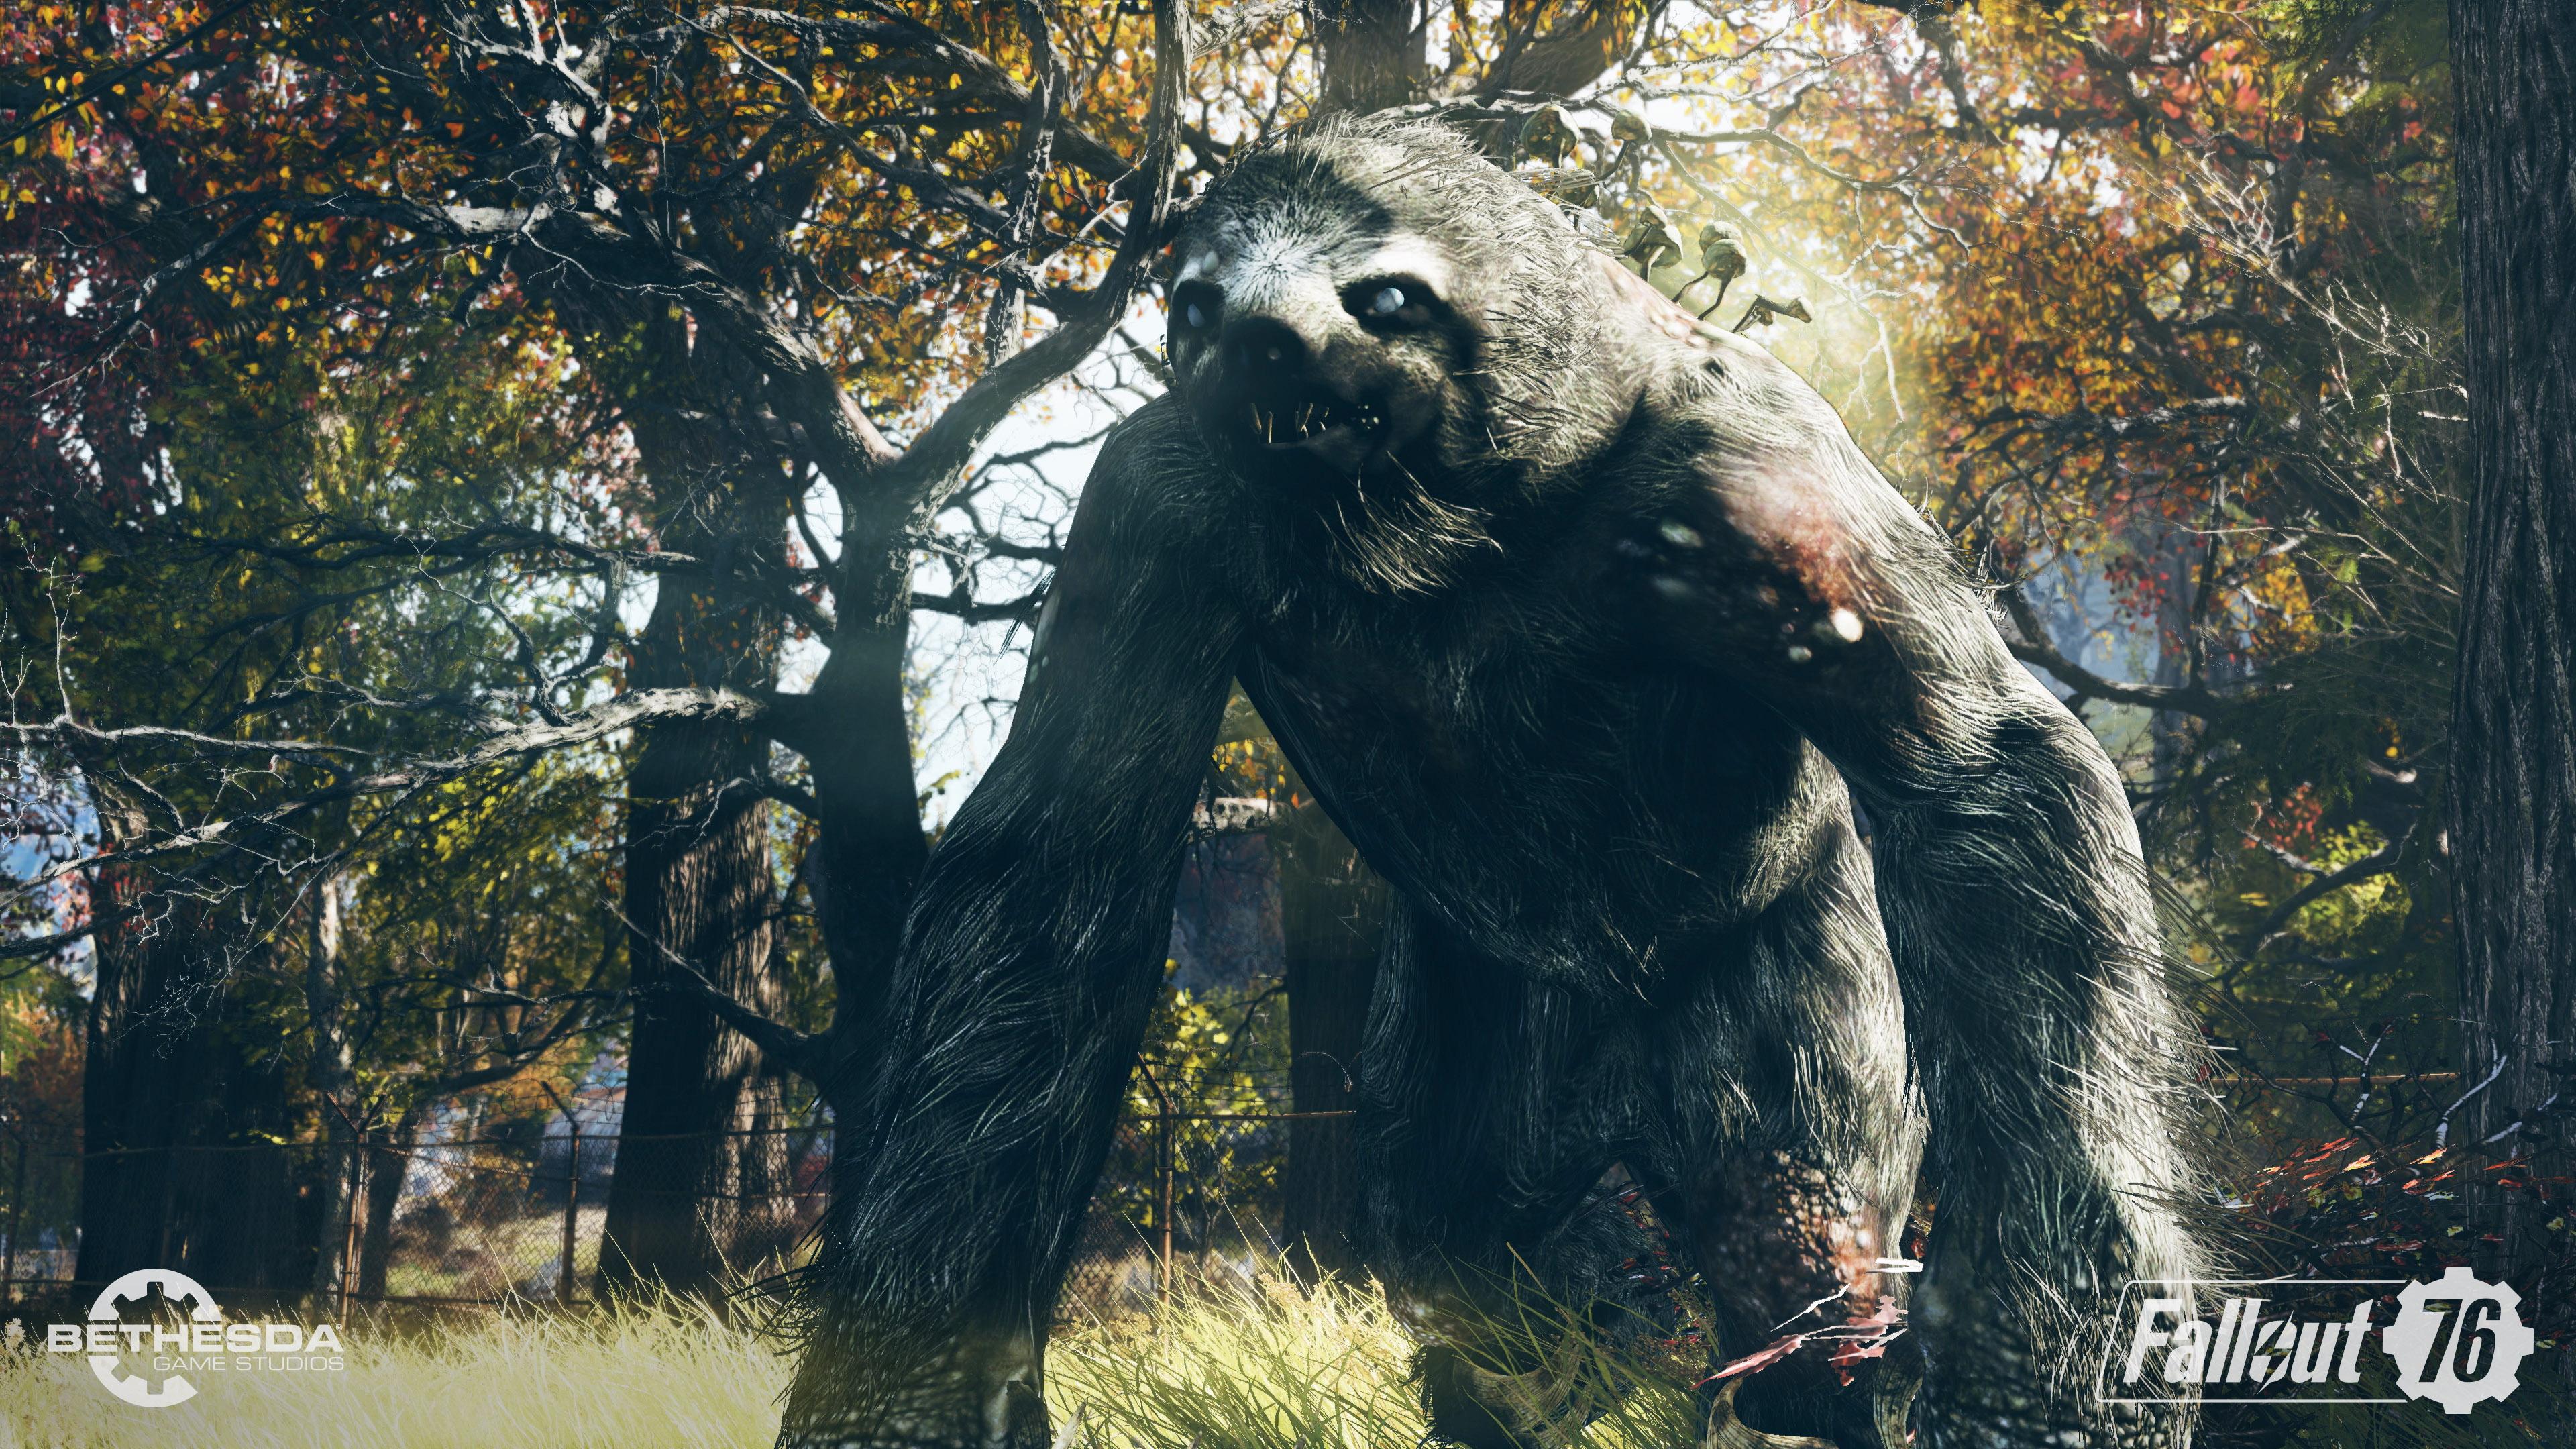 Mega sloth